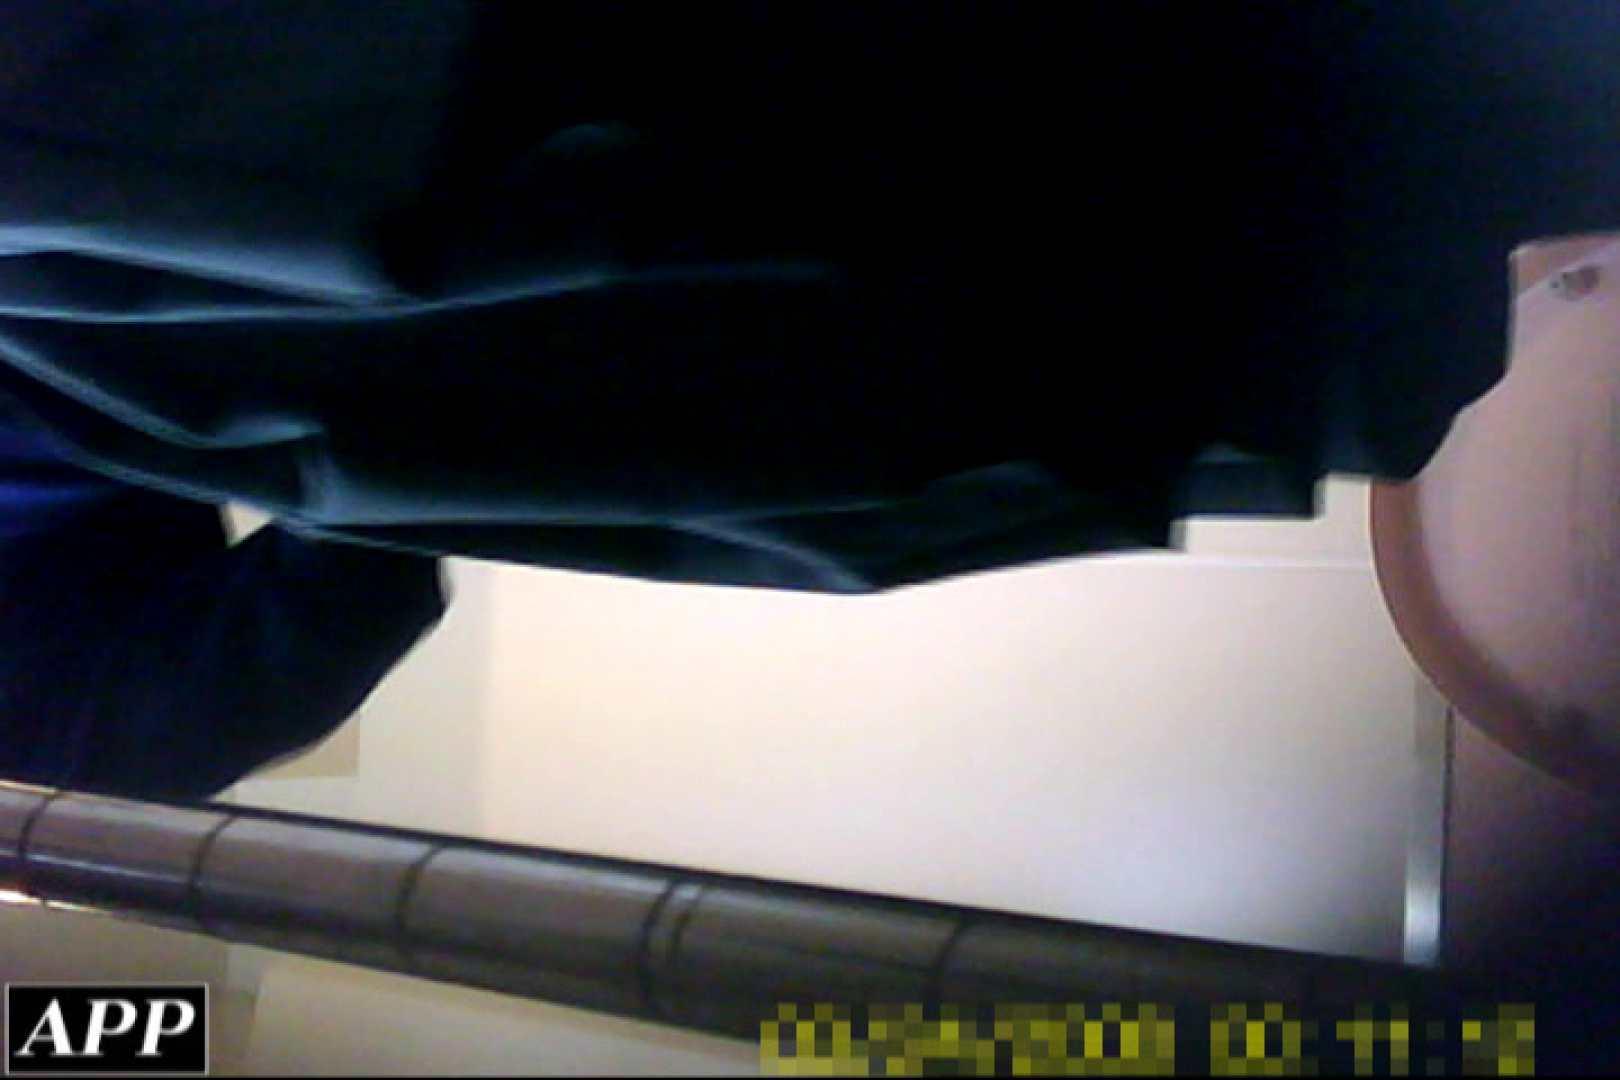 3視点洗面所 vol.13 OLのボディ | オマンコ  67PIX 55